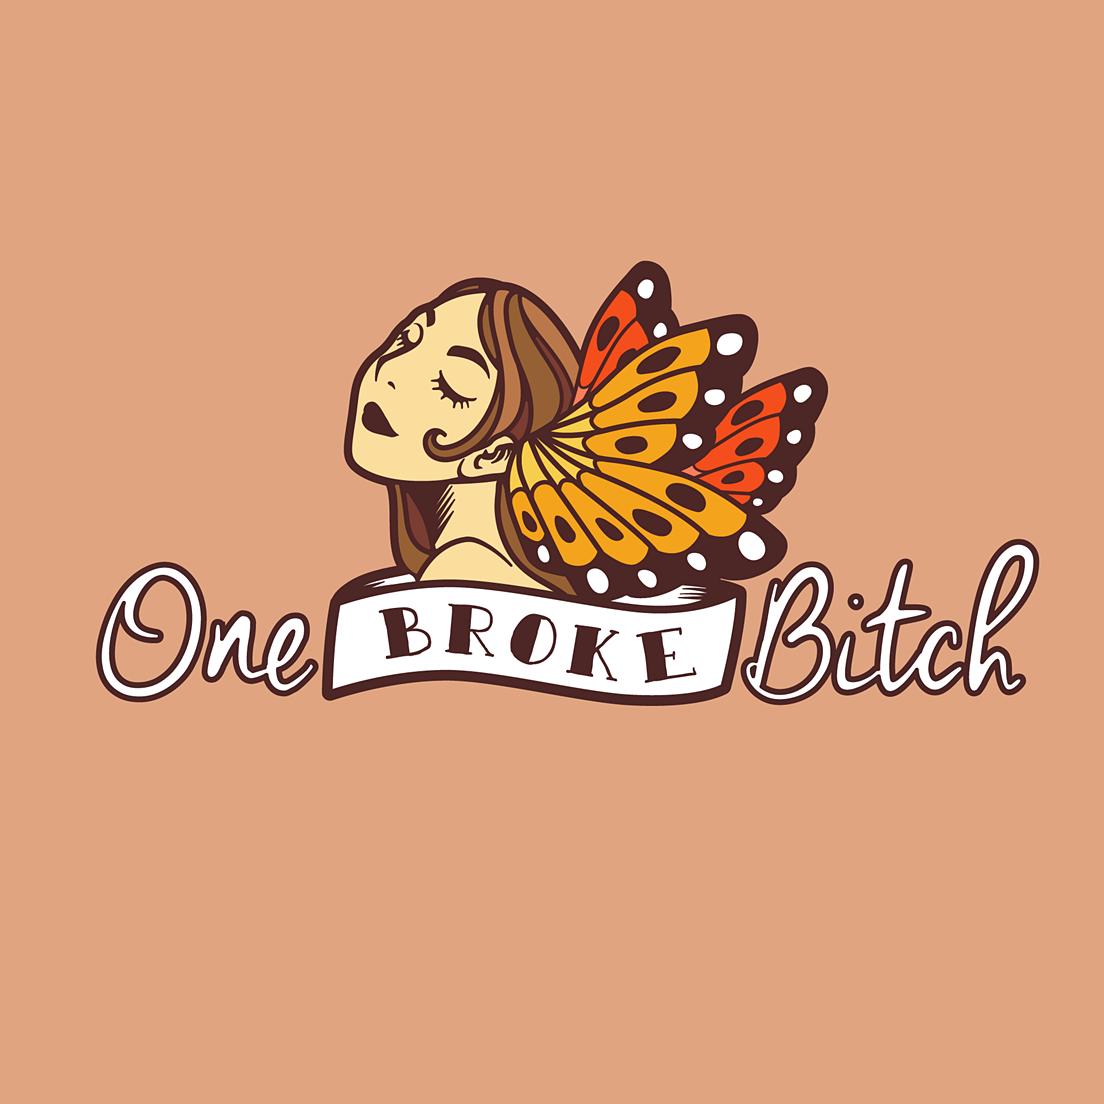 One Broke Bitch logo